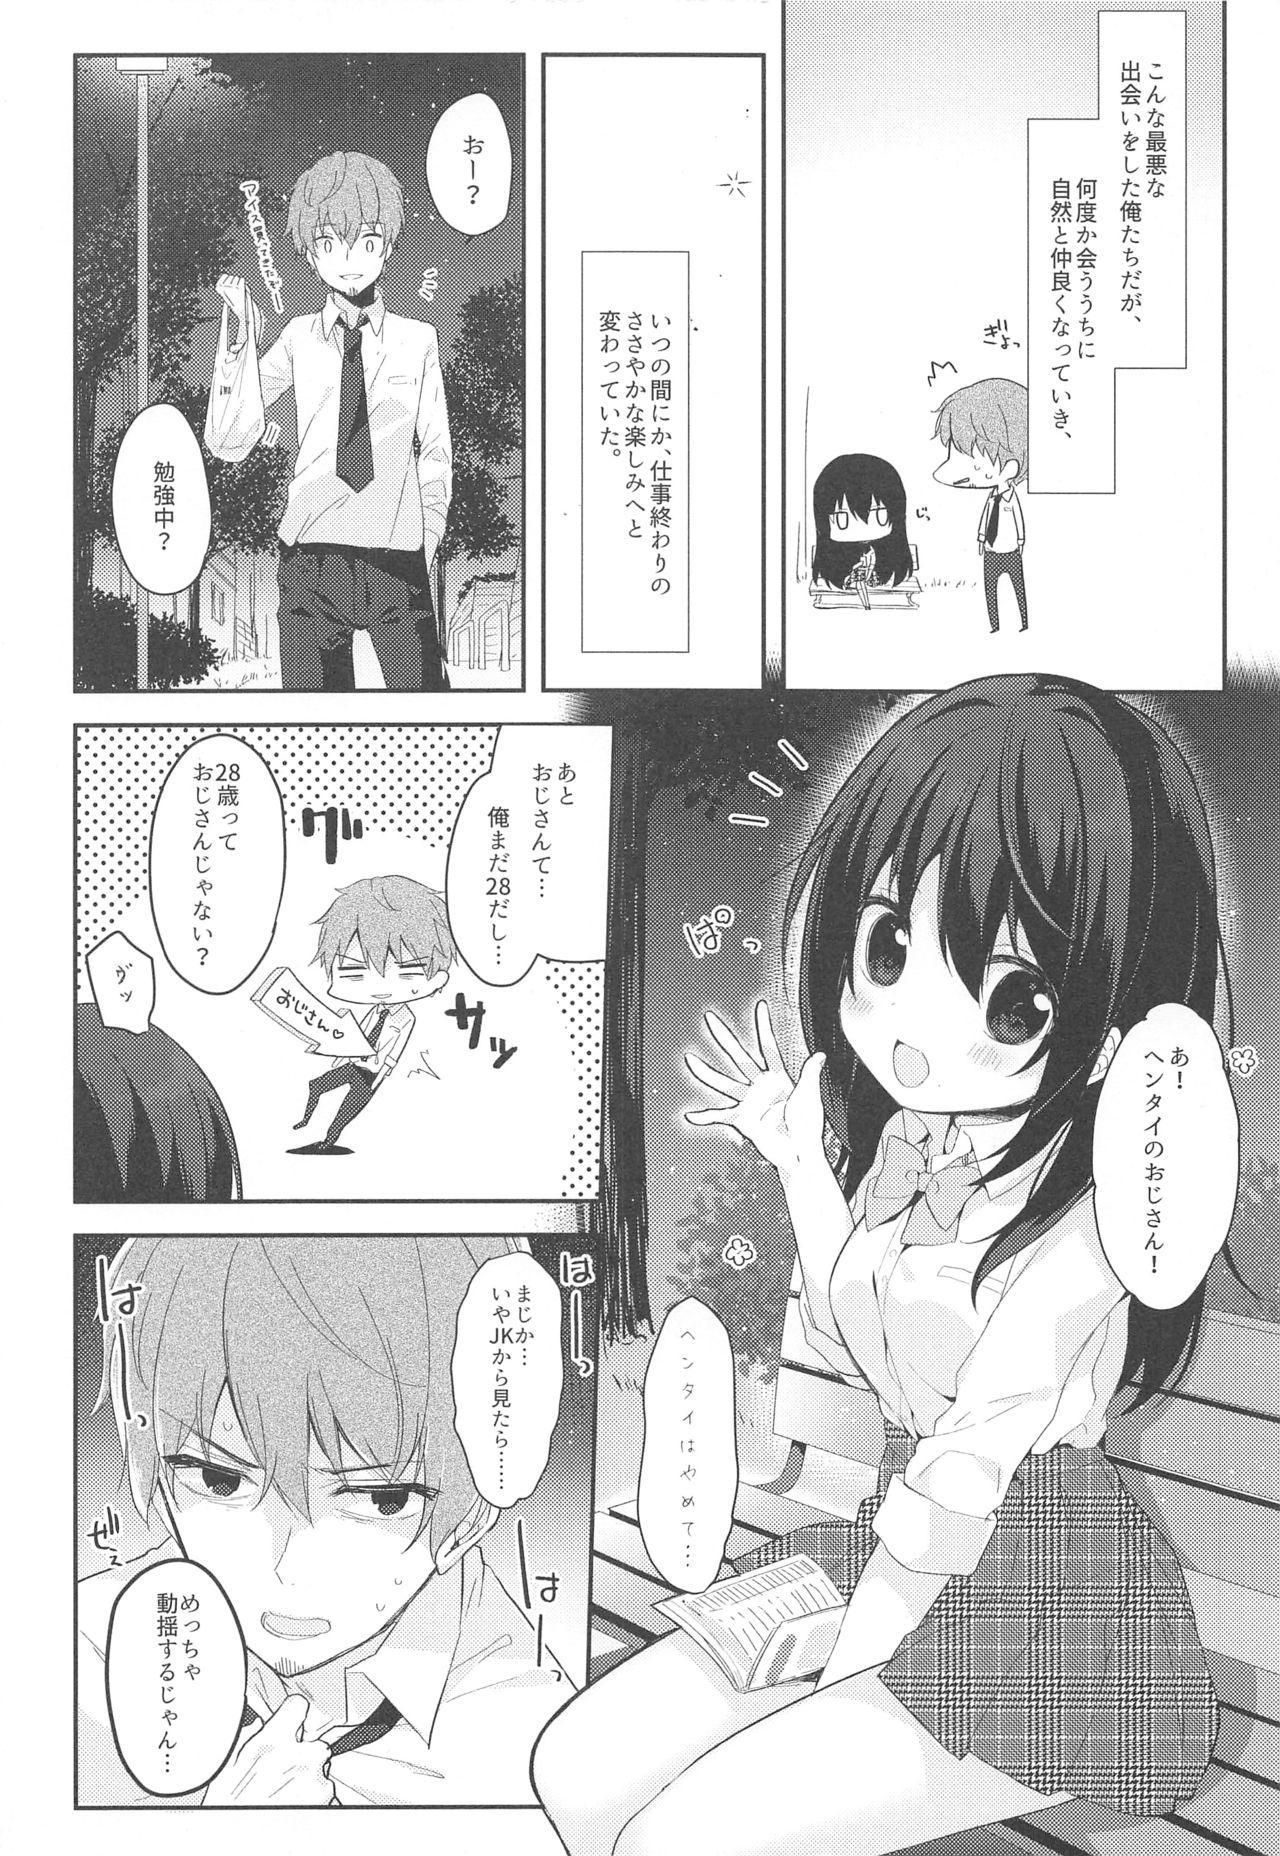 12-sai Sa no Himitsu Renai 4